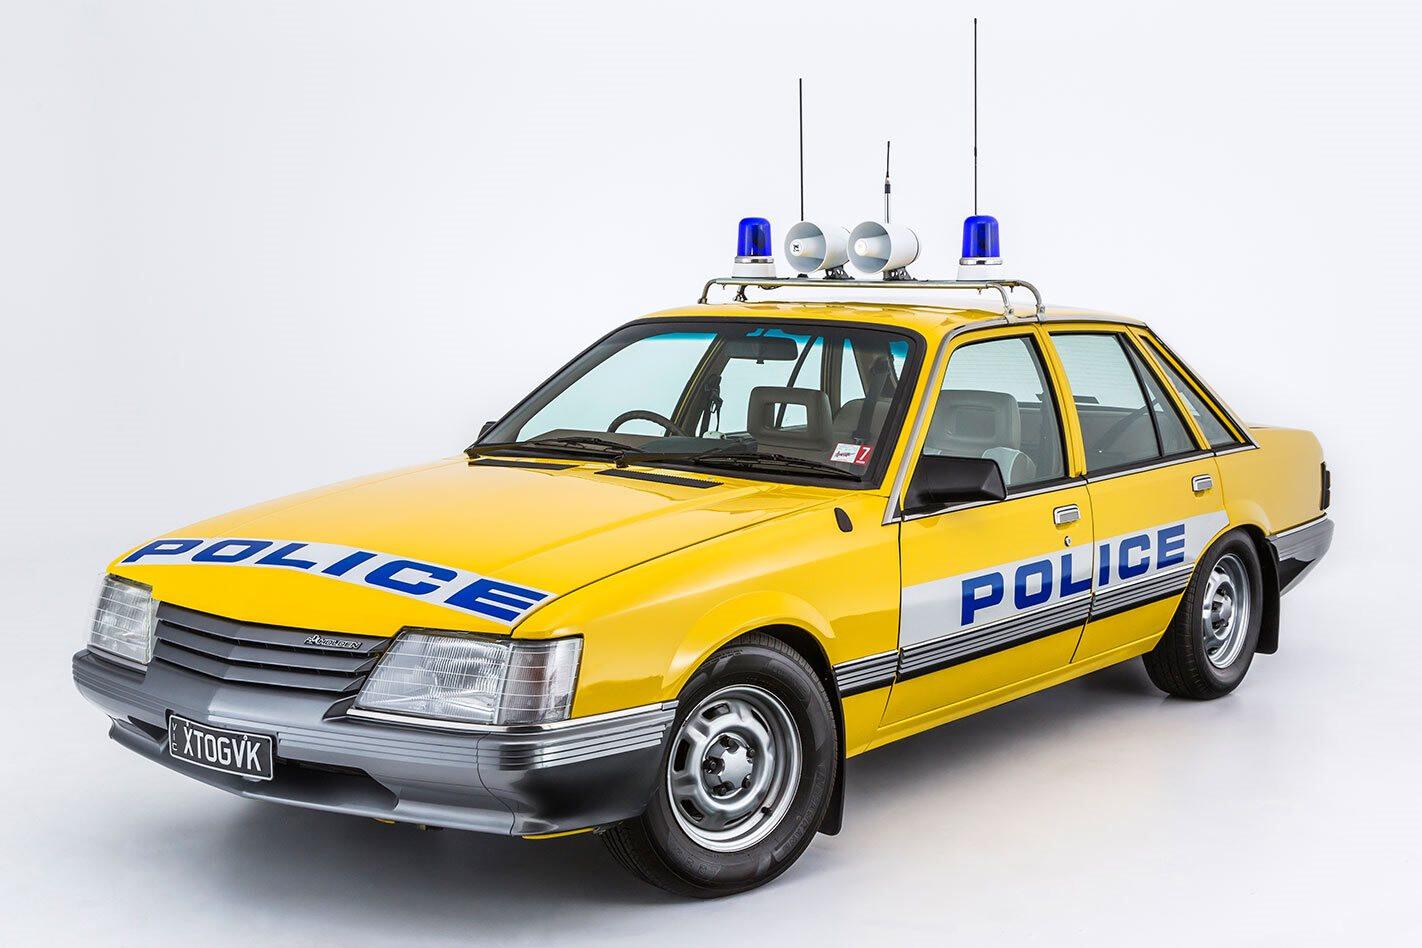 13 Streetmachine Holden Vk Commodore 1 B Jpg